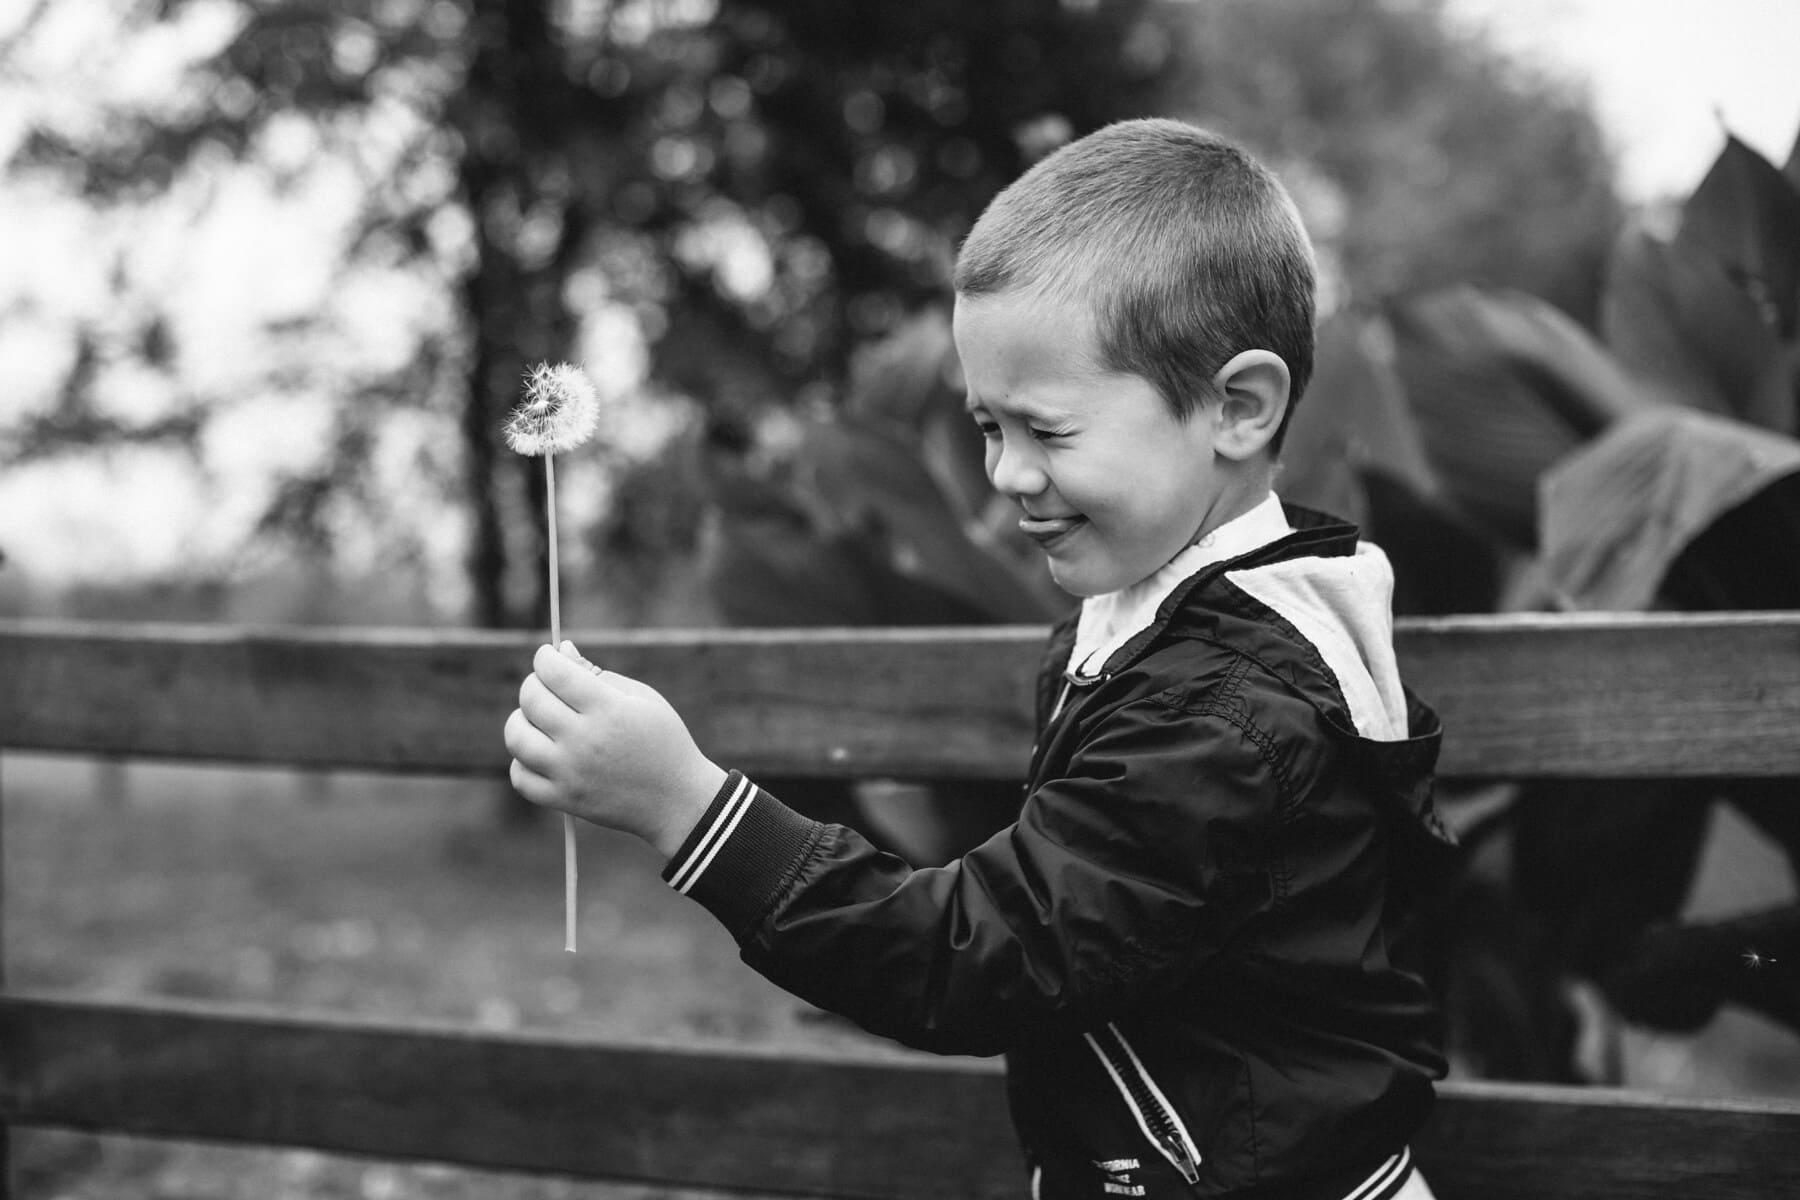 garçon, pissenlit, soufflant, noir et blanc, enfant, monochrome, portrait, à l'extérieur, des loisirs, concentration de